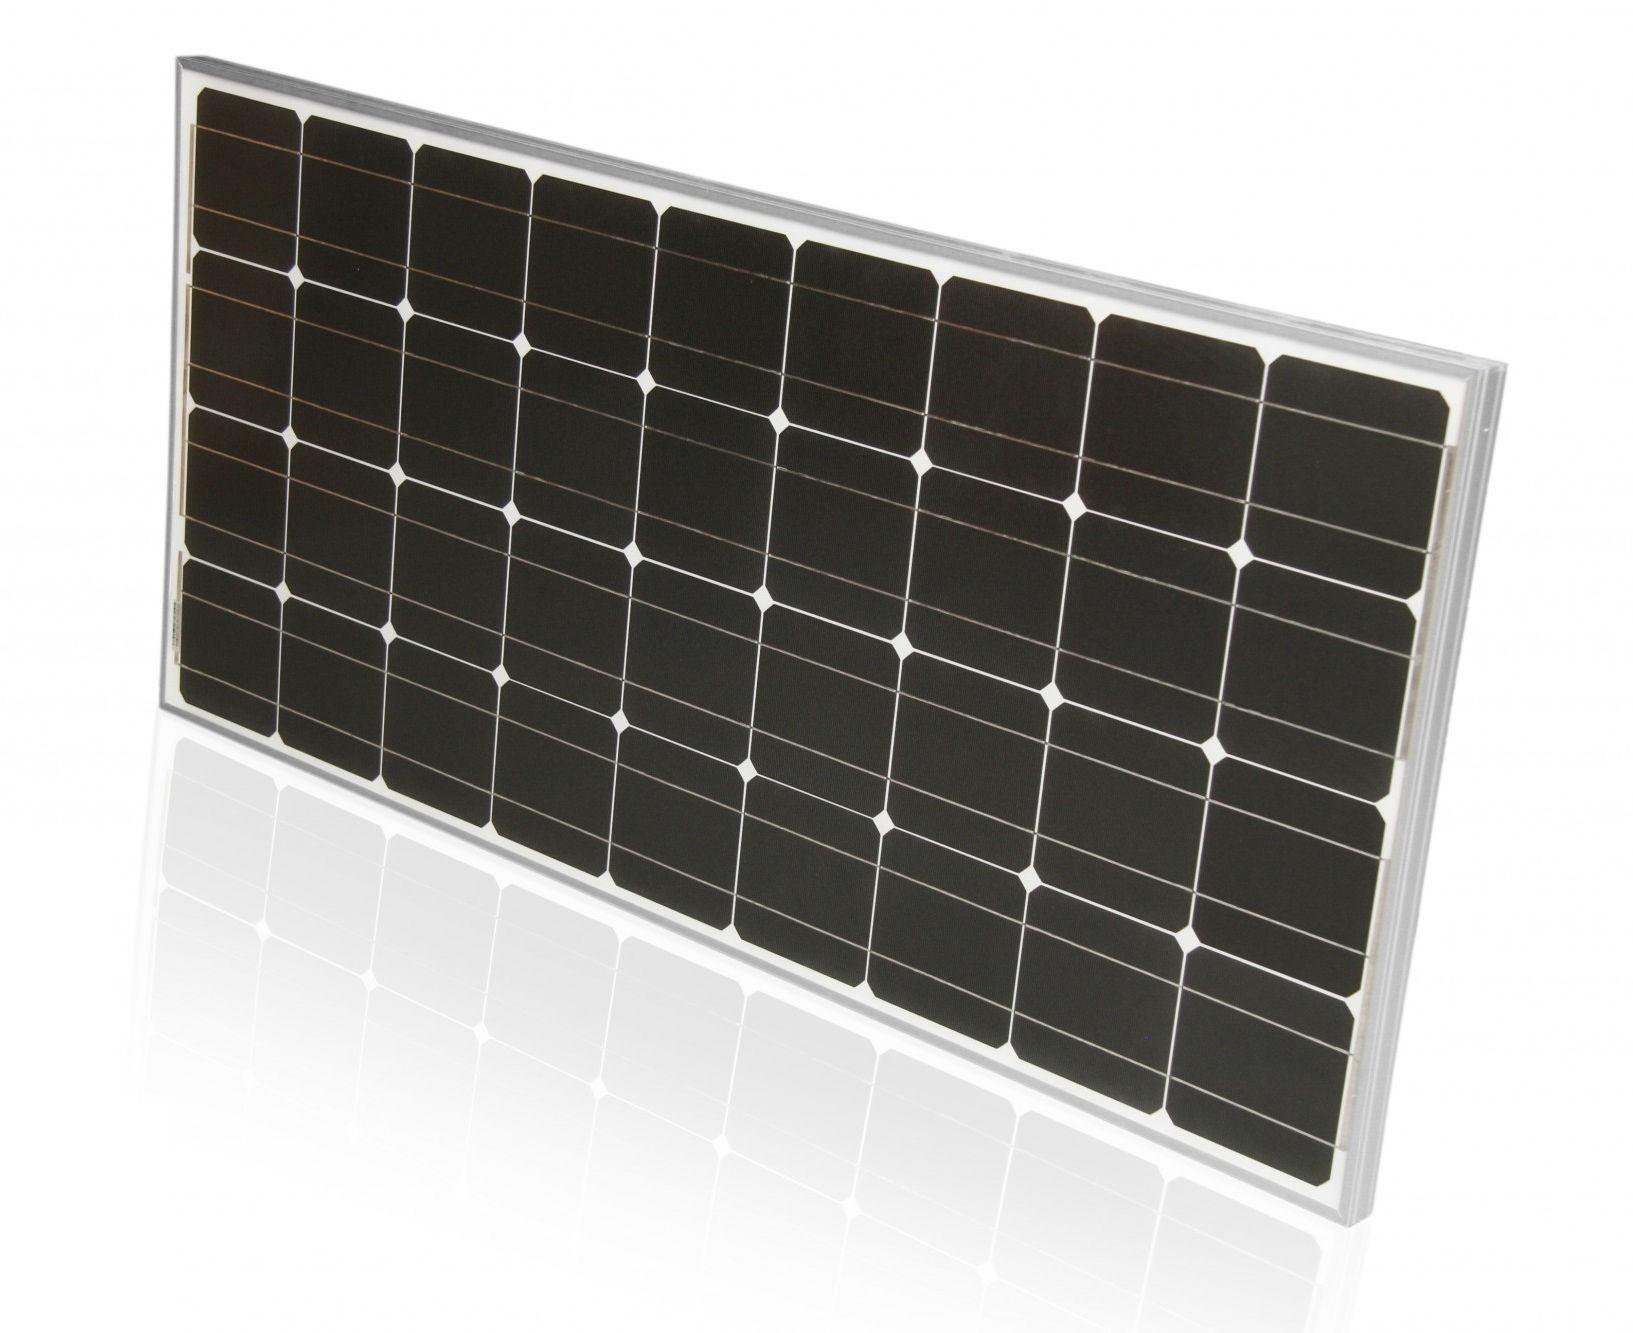 Solarhalterung Befestigung verstellbar 680mm Halterung Aluminium